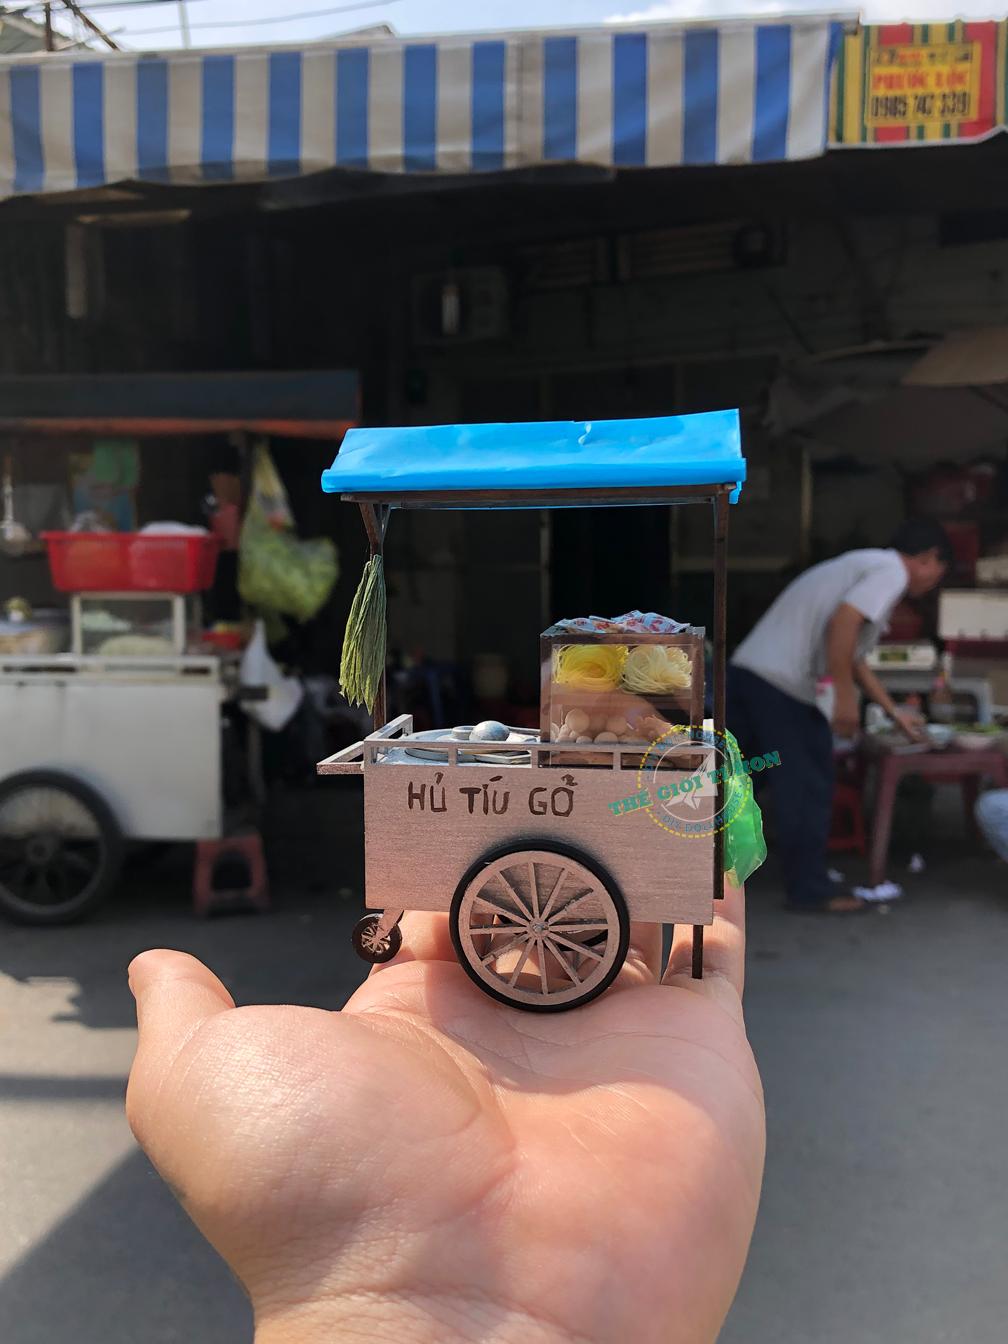 mô hình ký ức Sài Gòn xe hủ tíu gõ thu nhỏ - HR08 (8)